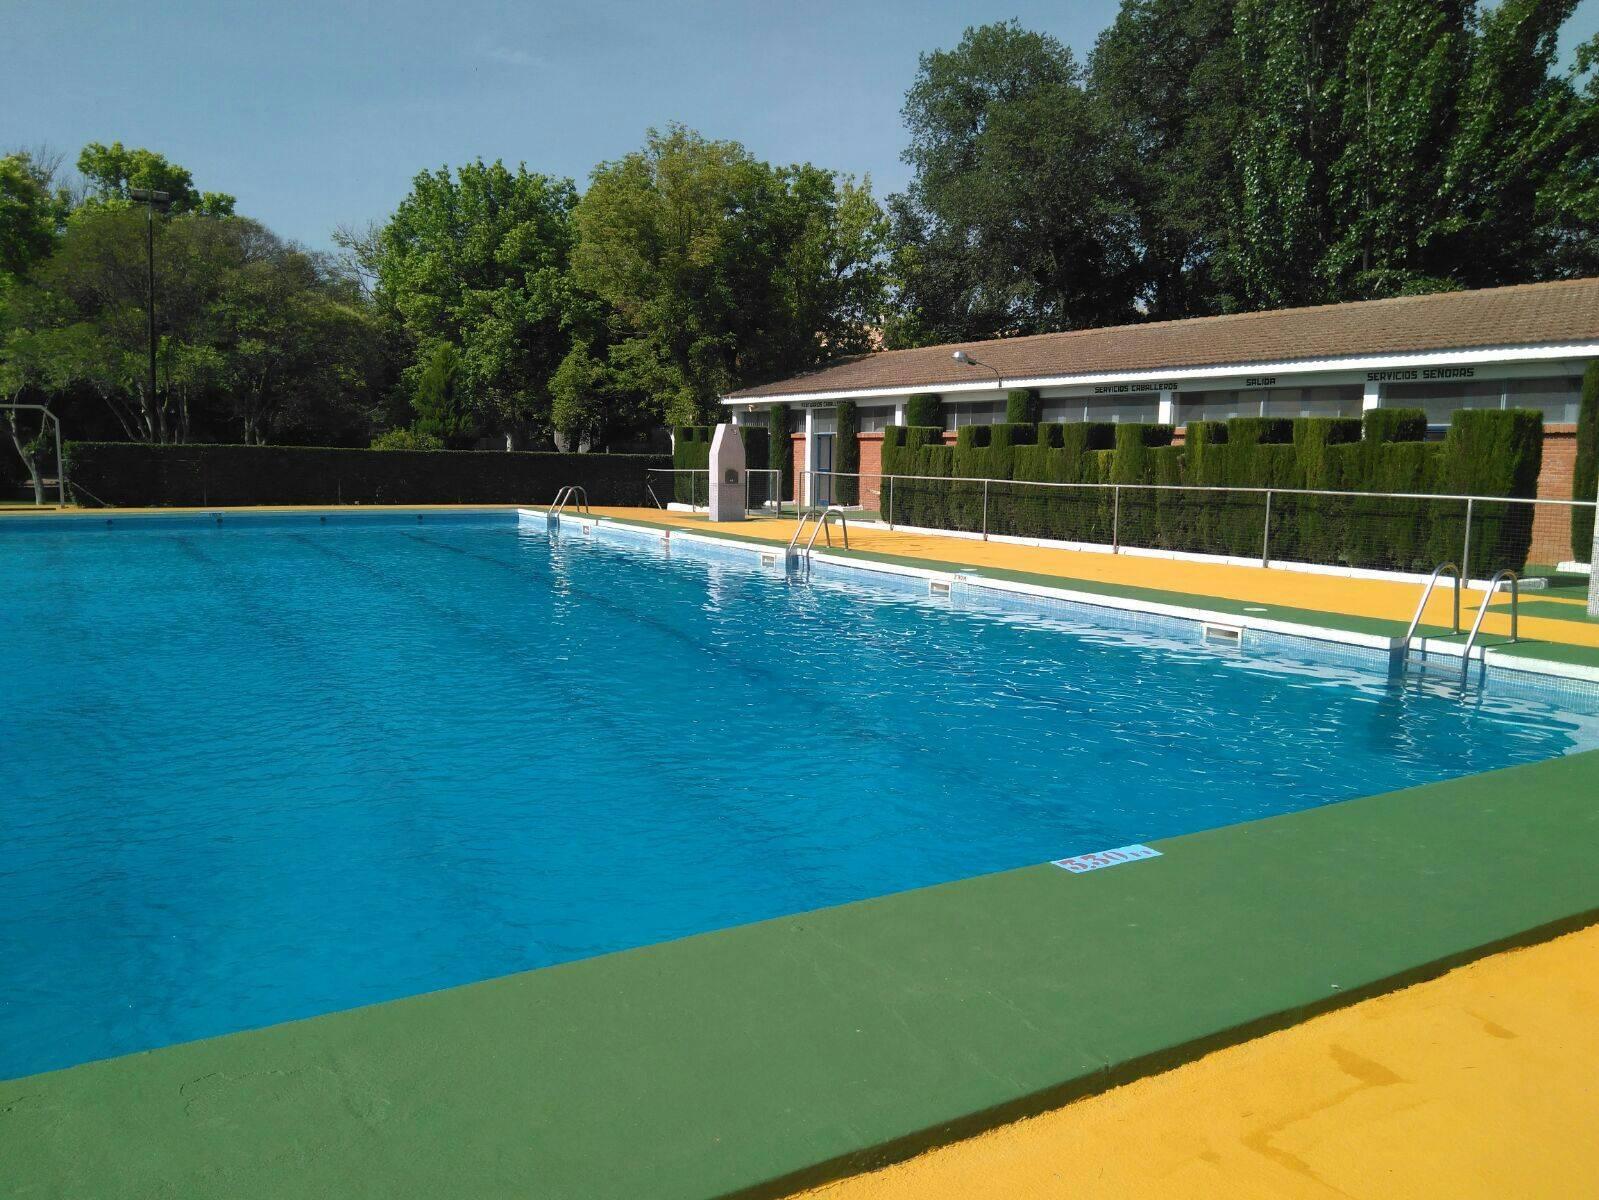 piscina municipal 2017 herencia 1 - Un año más la piscina municipal cierra un día por mantenimiento de verano